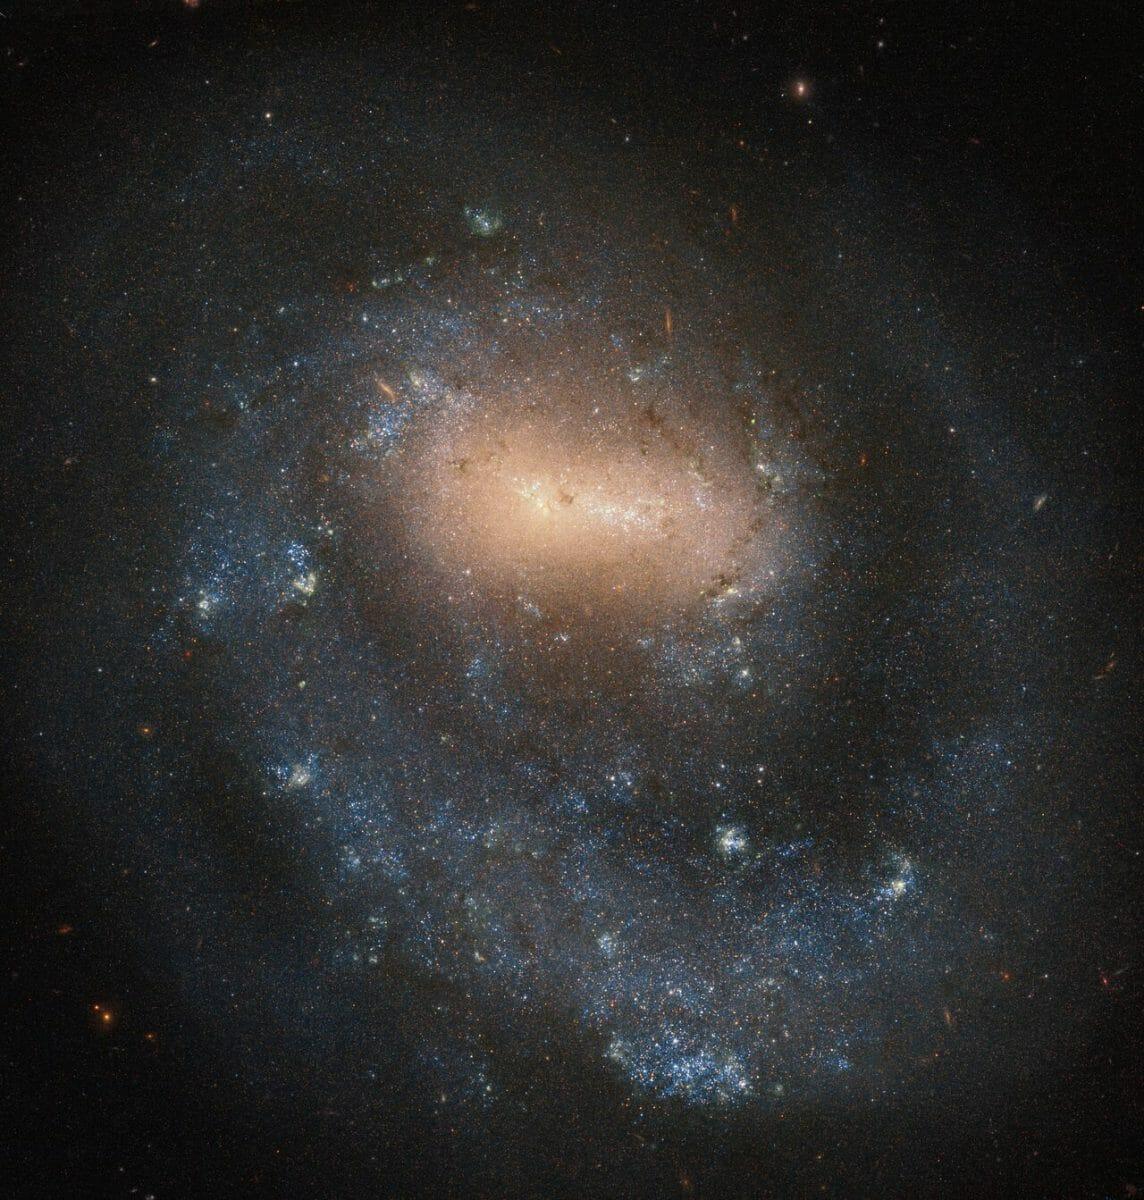 淡い霧のような片腕の特異銀河「NGC 4618」 | sorae 宇宙へのポータルサイト